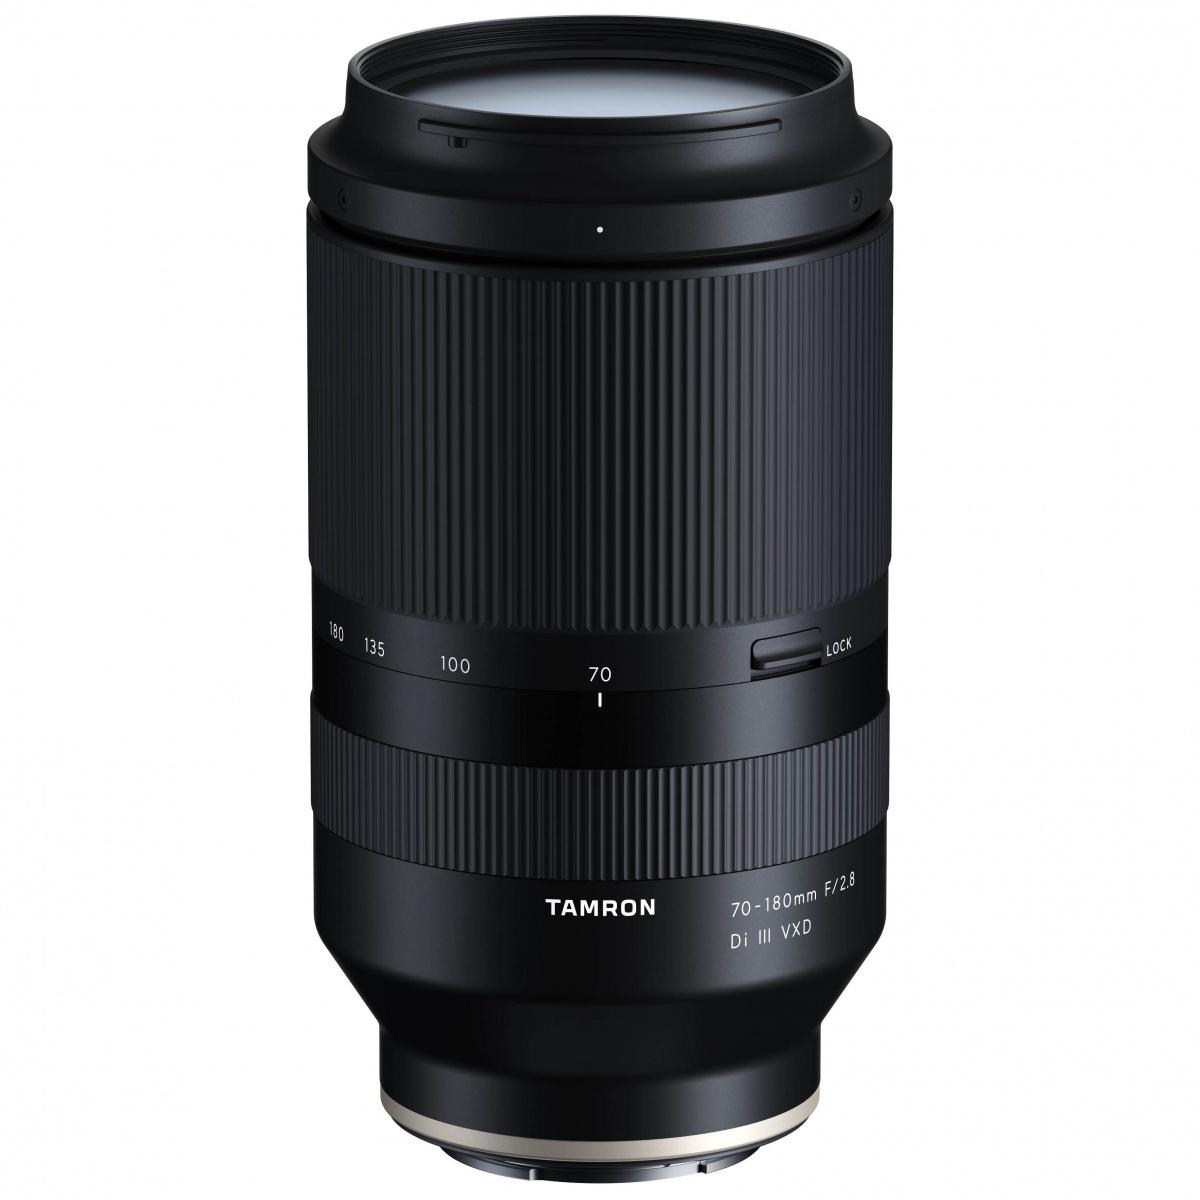 UDATE: Tamron 70-180 mm 1:2,8 DI III VXD Sony FE inkl. UV Filter durch 100€ Gutschein